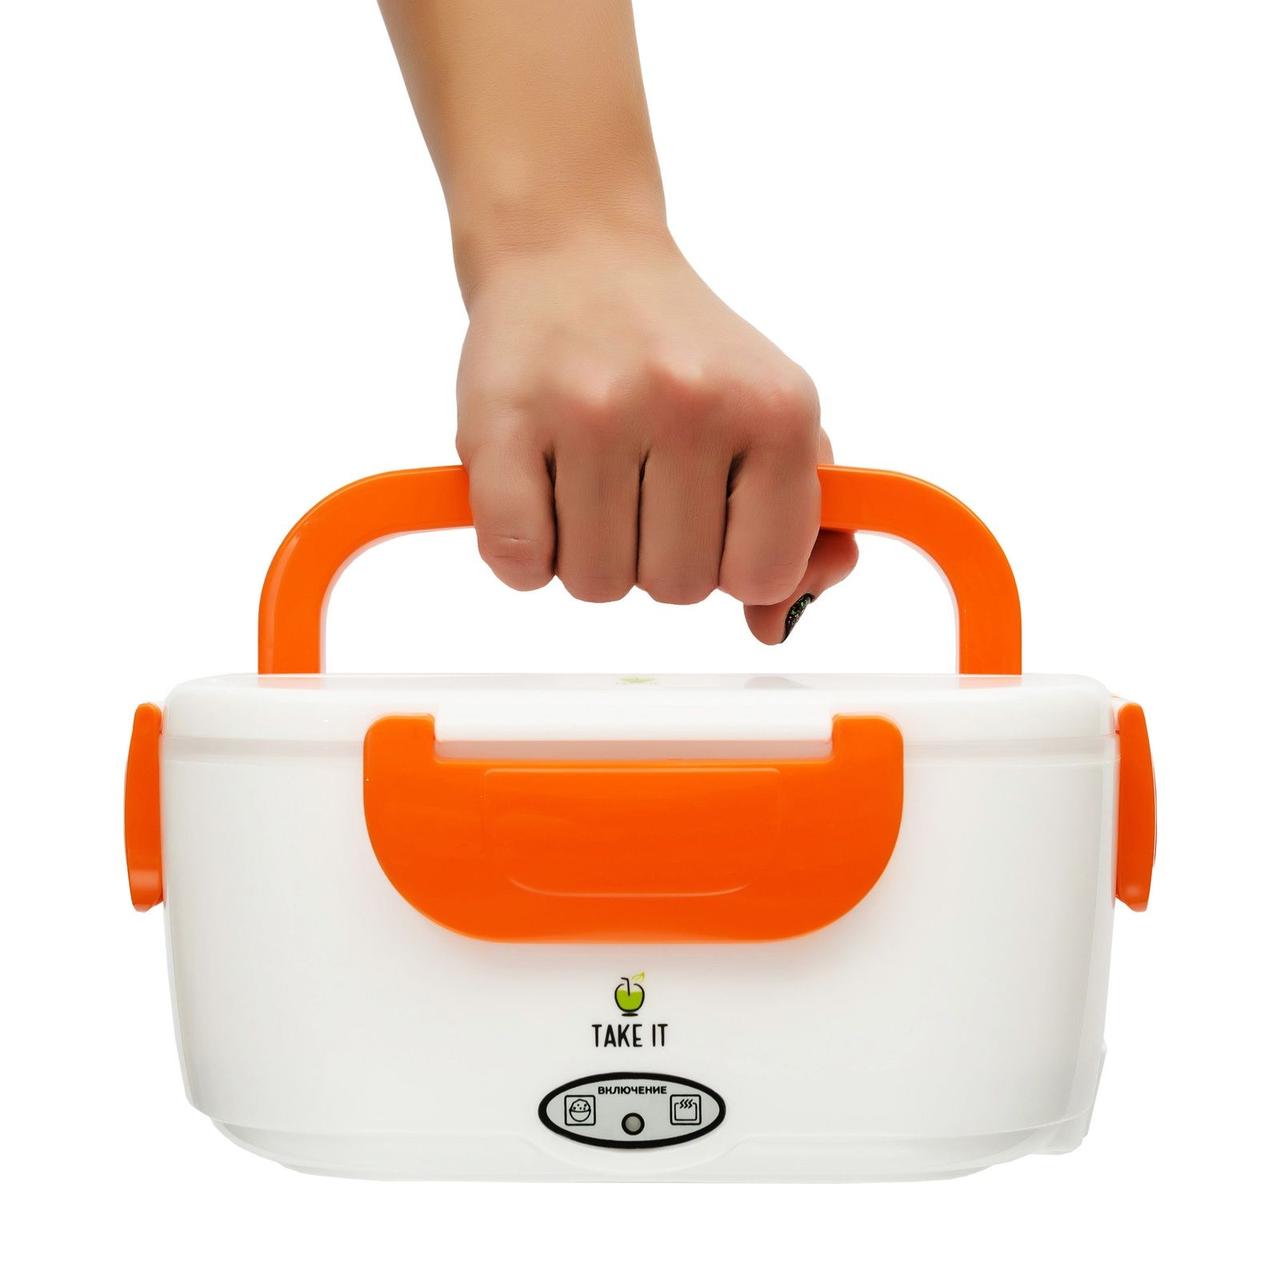 Ланч бокс с подогревом от сети 220V Electric lunch box Контейнер Для Еды еда ТОП ПРОДАЖ!